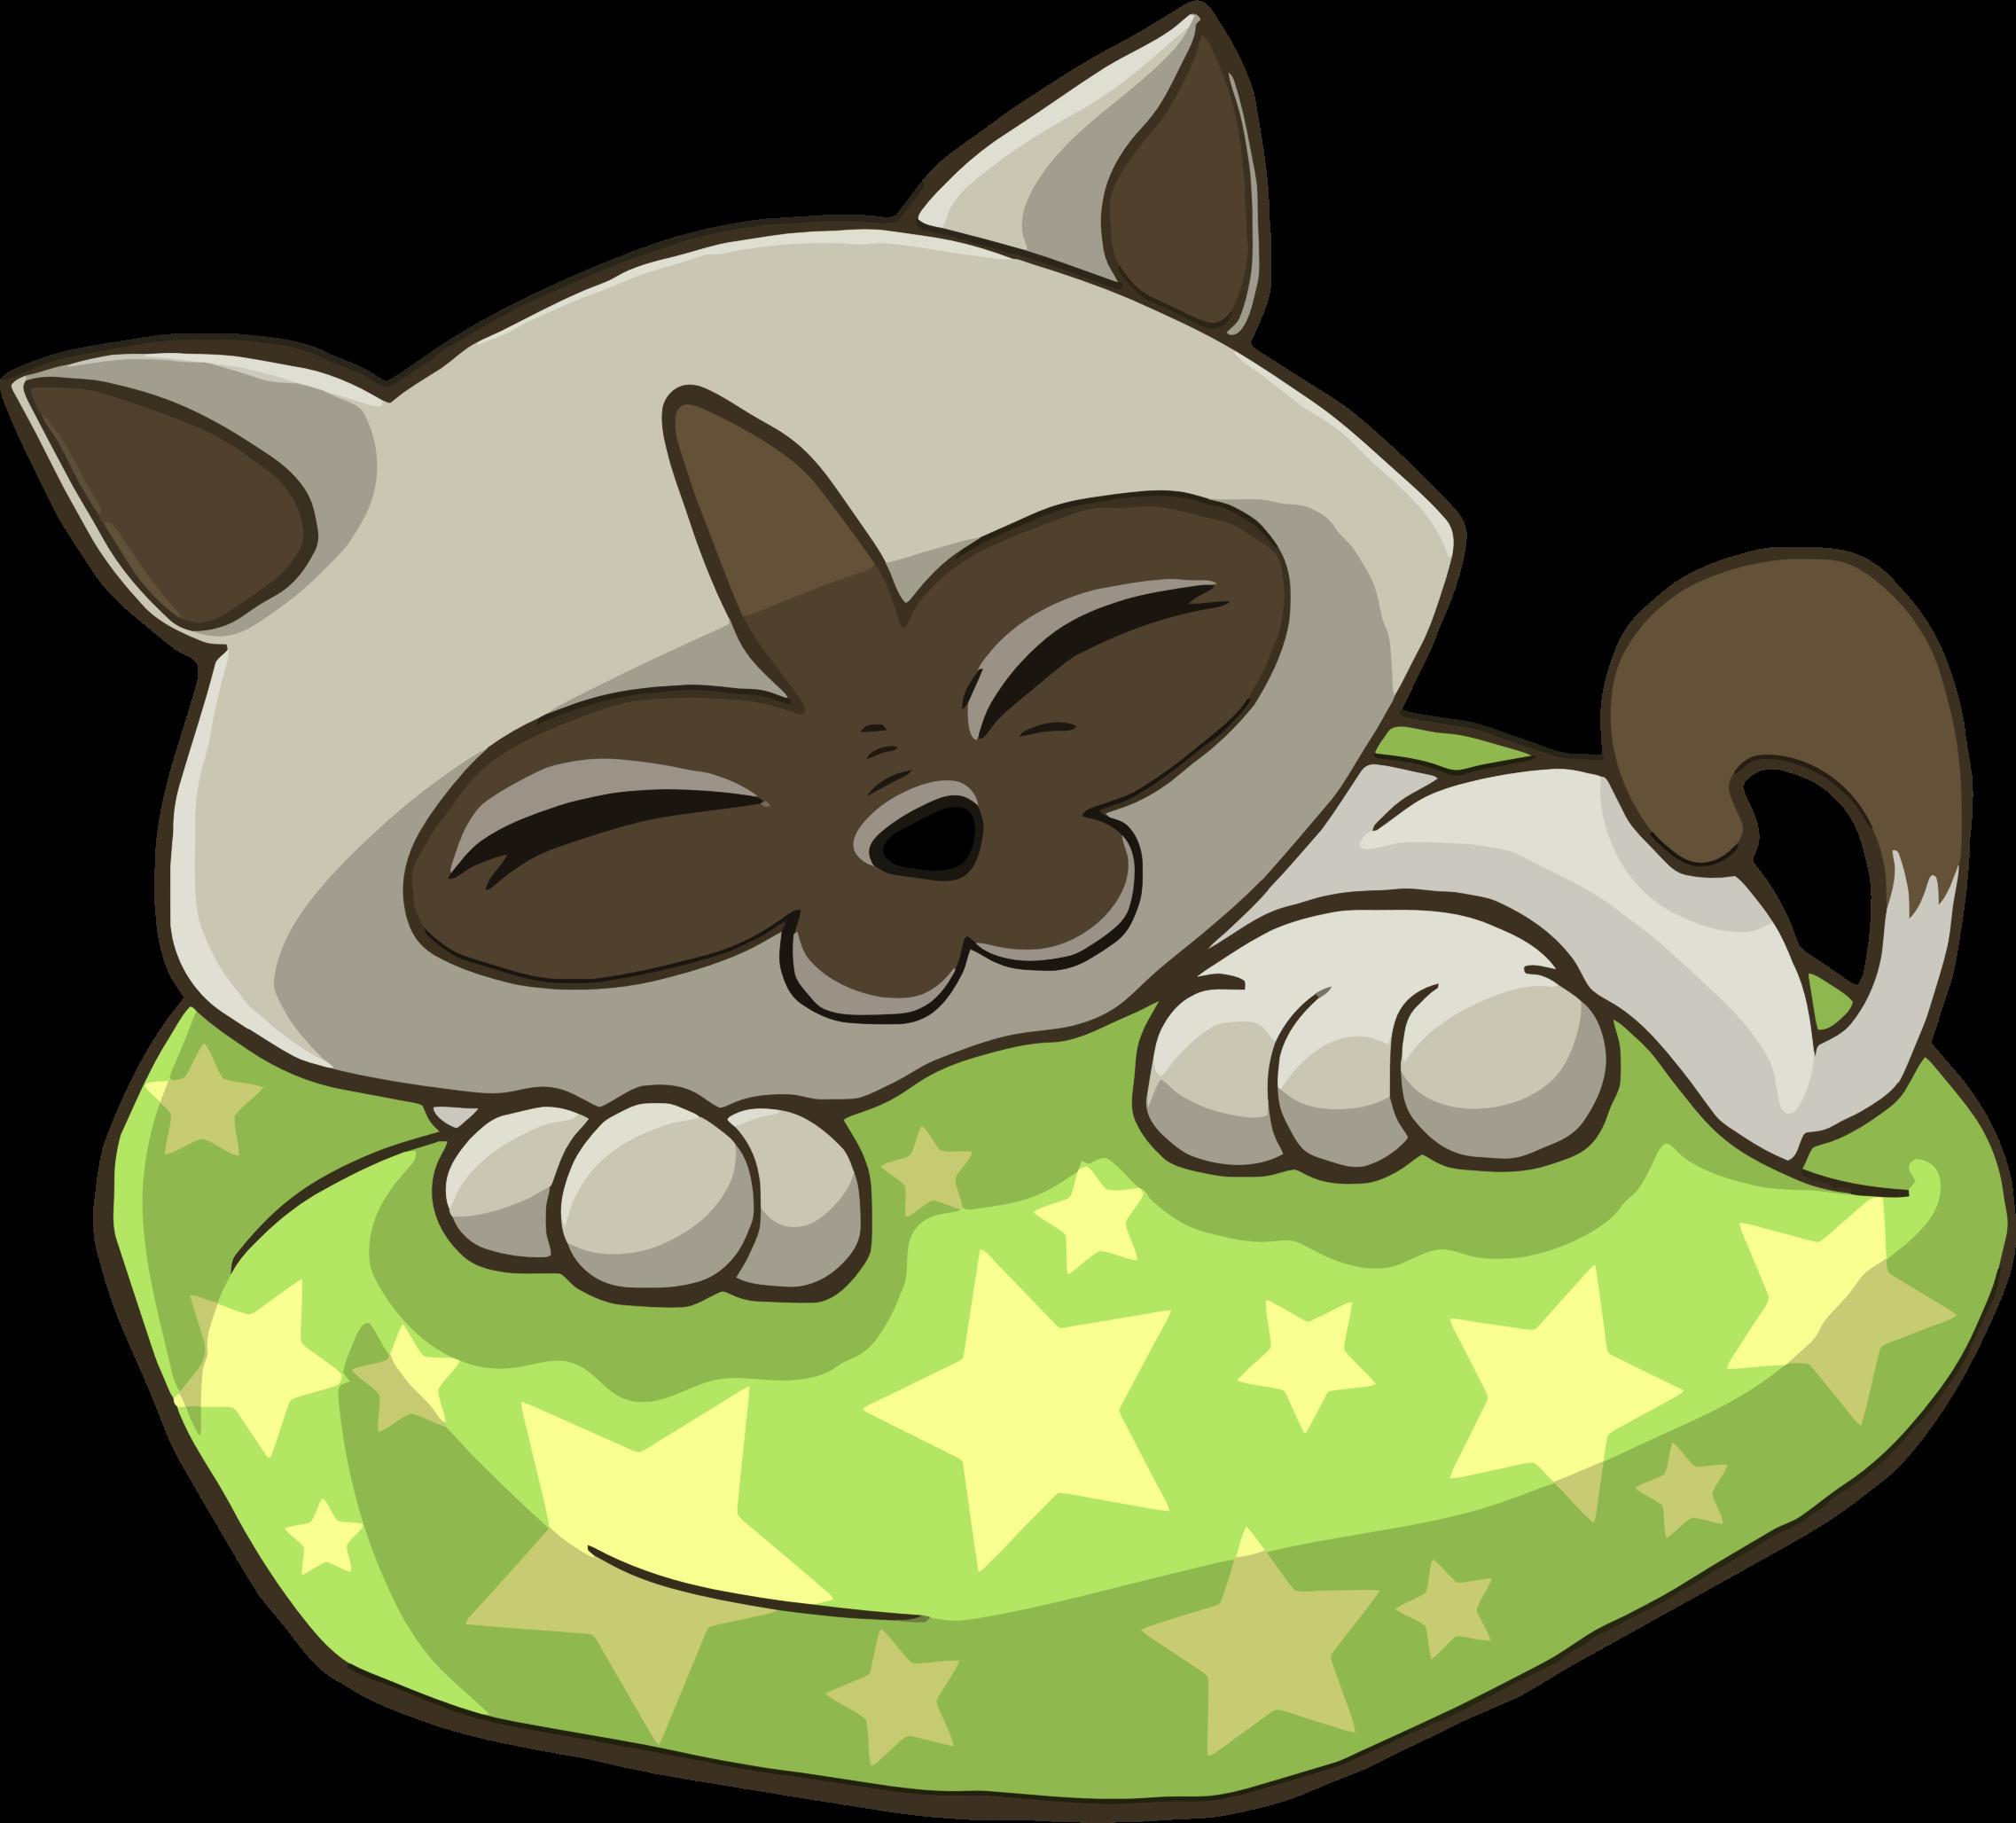 Kitten clipart cartoon. Sleeping on starry pillow